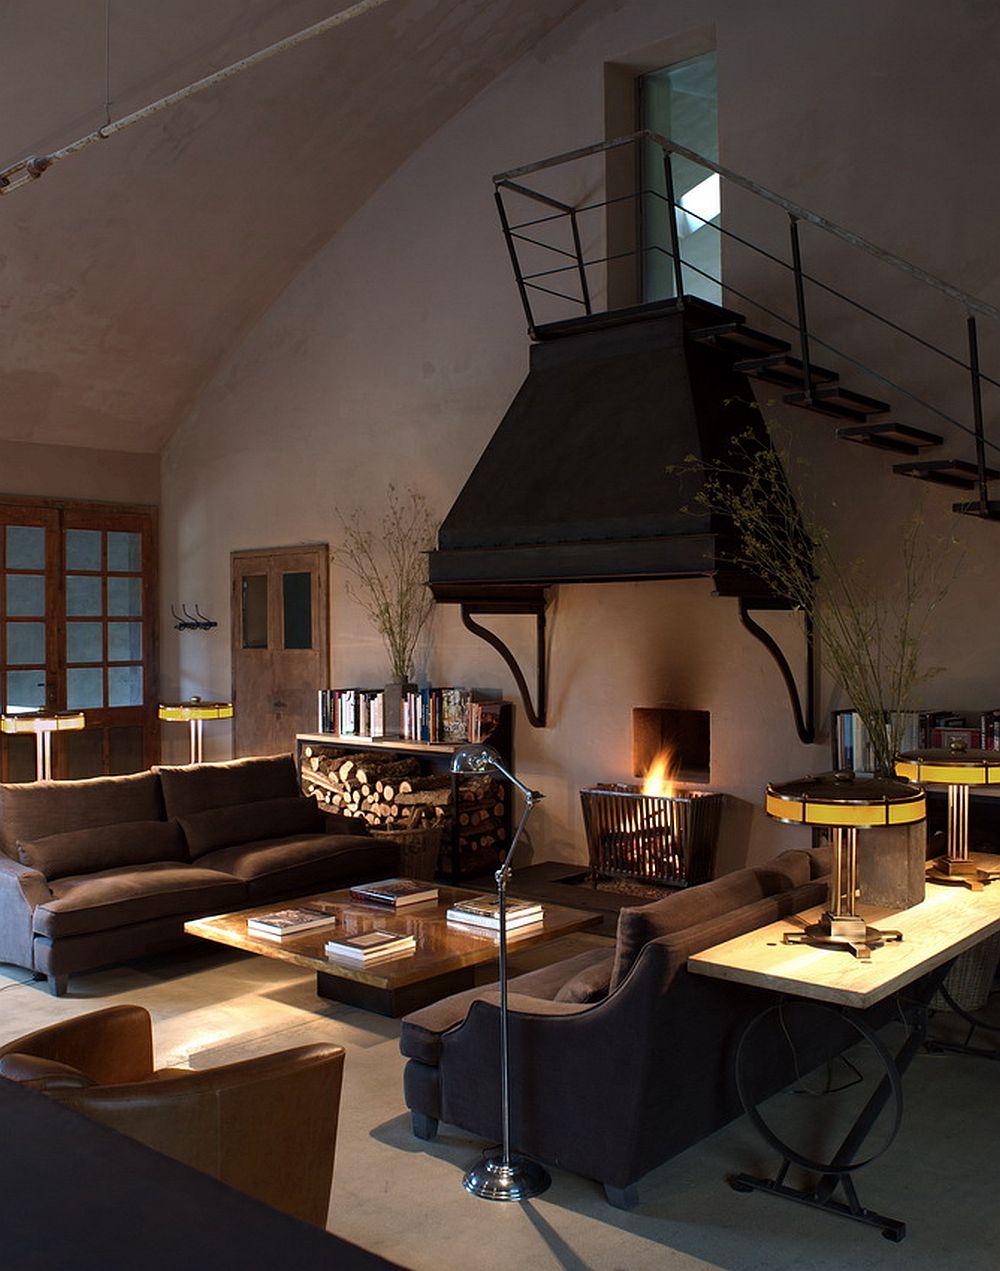 adelaparvu.com despre Familia Bolza si Domeniul Castello di Reschio, vacanta in Umbria, Italia (2)